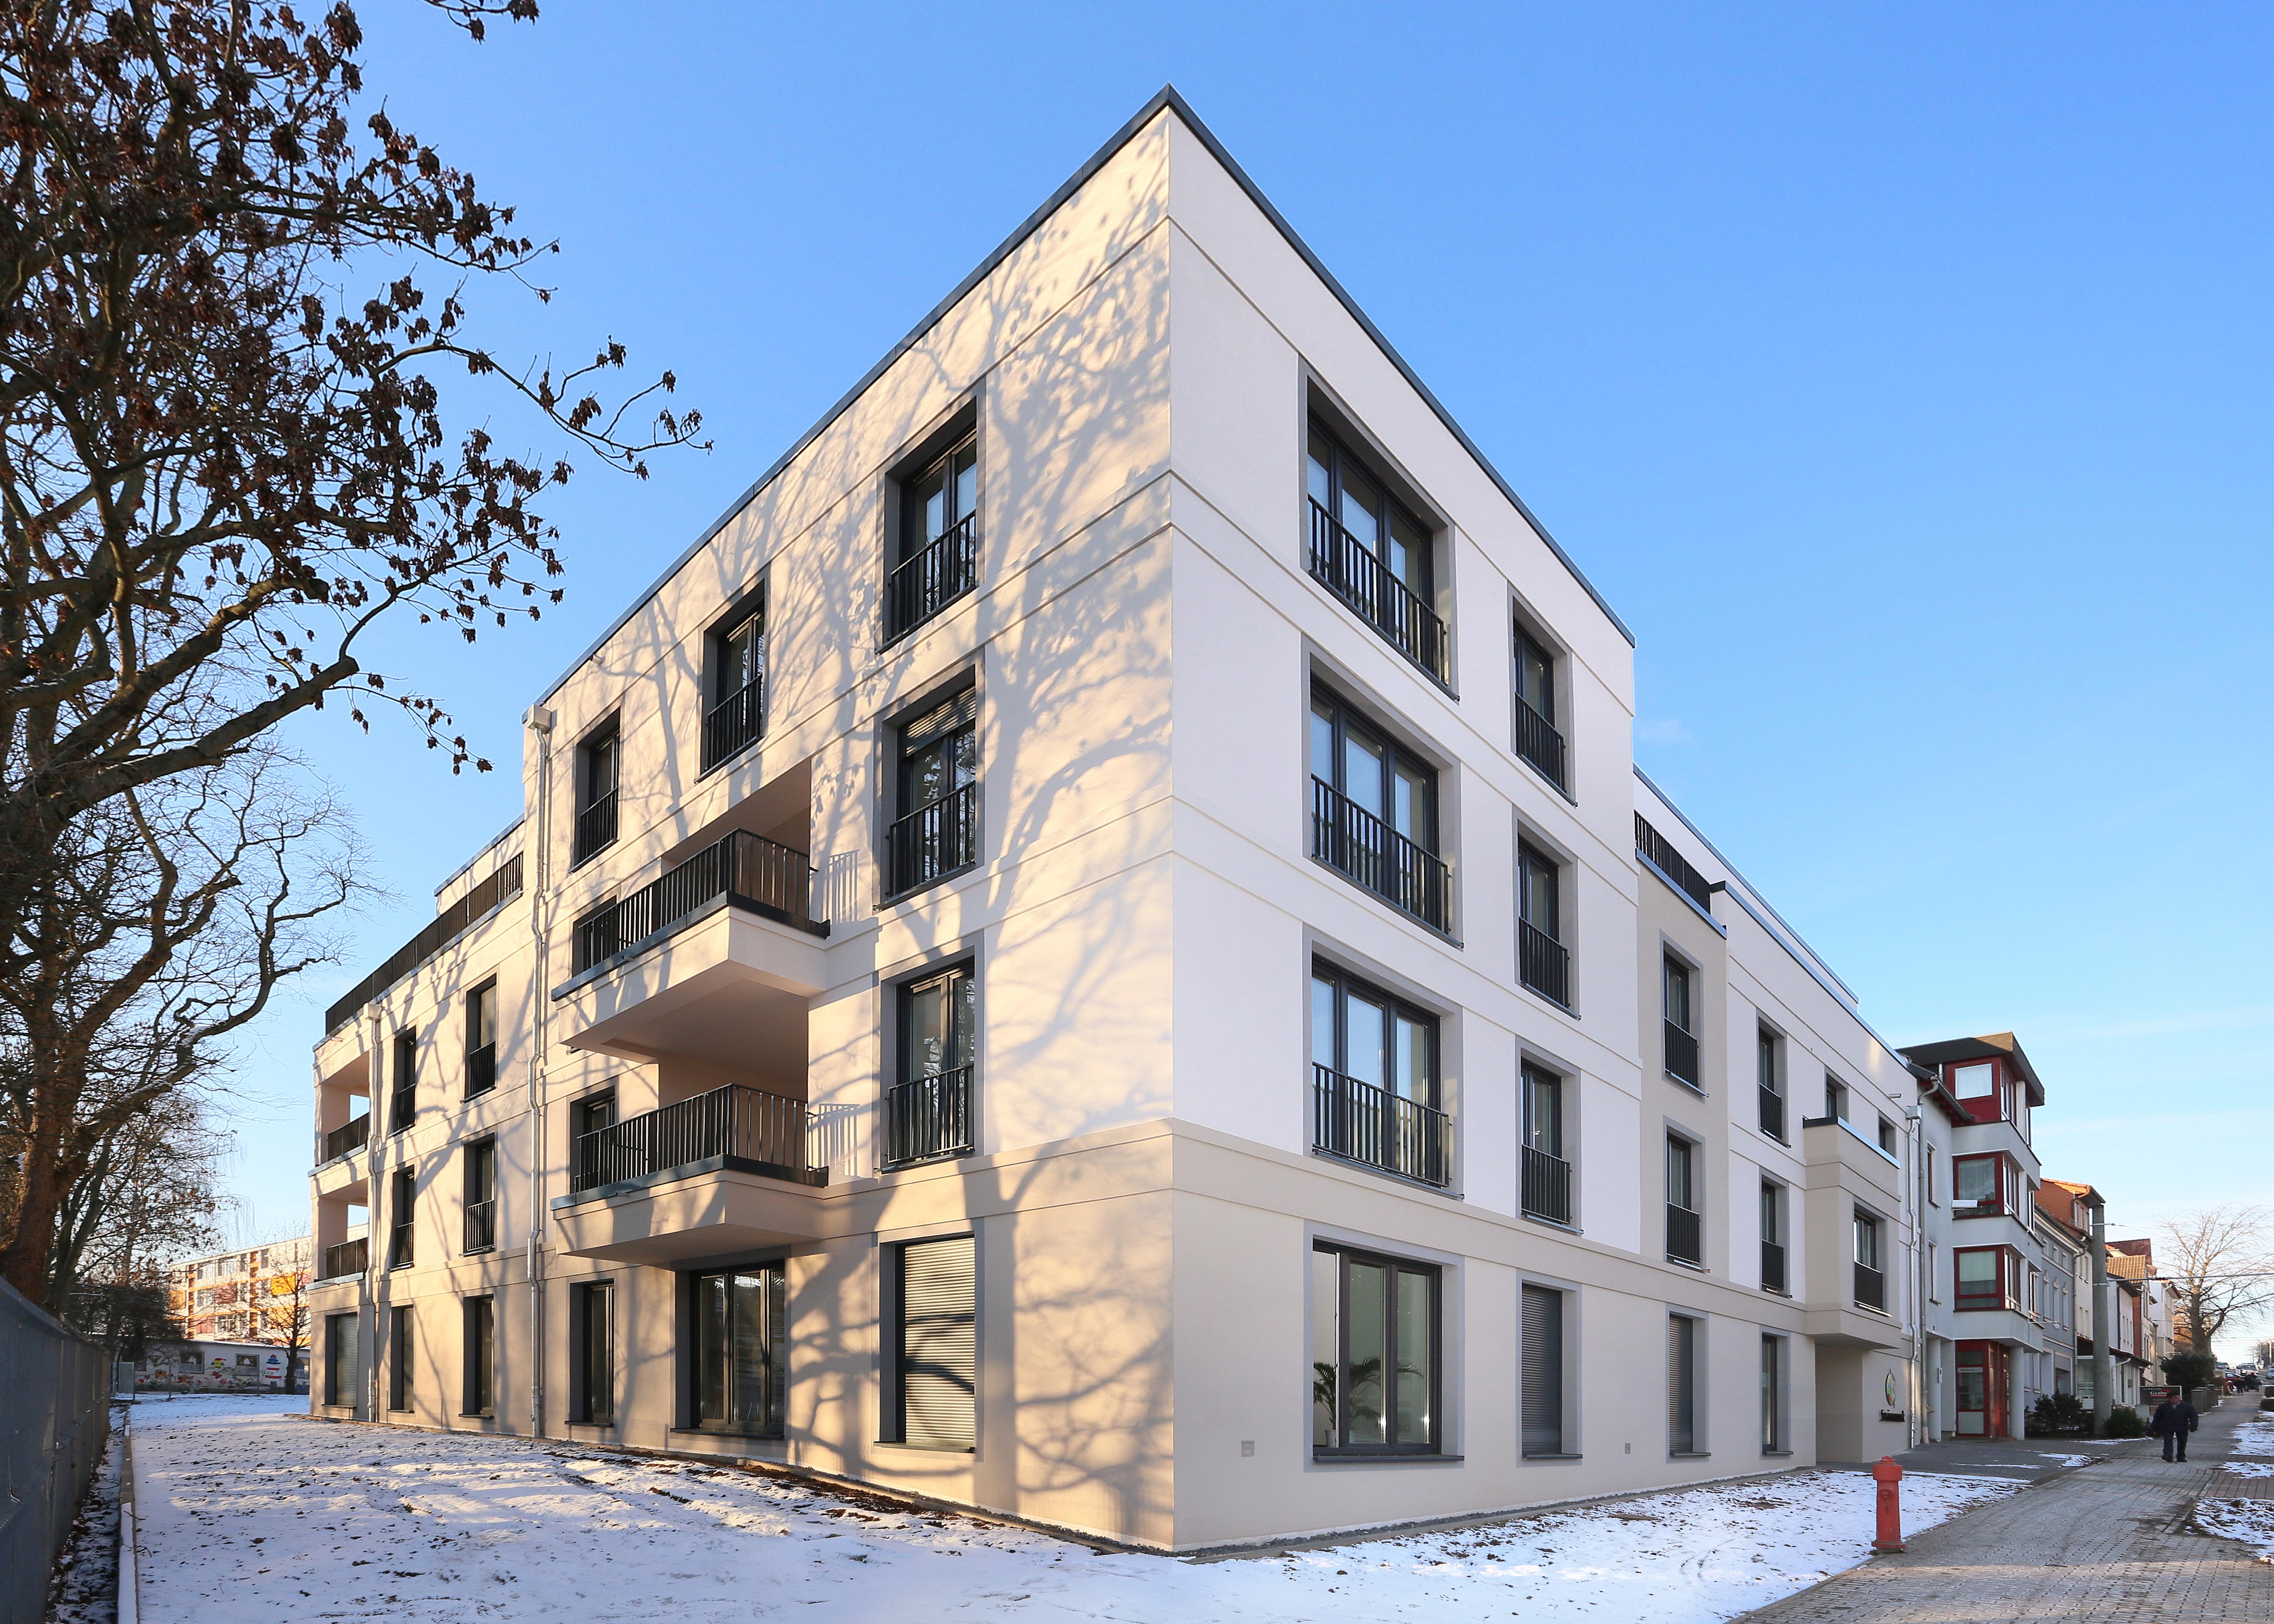 Architekt Nordhausen neubau stadthaus mit büroräumen und wohnungen in nordhausen